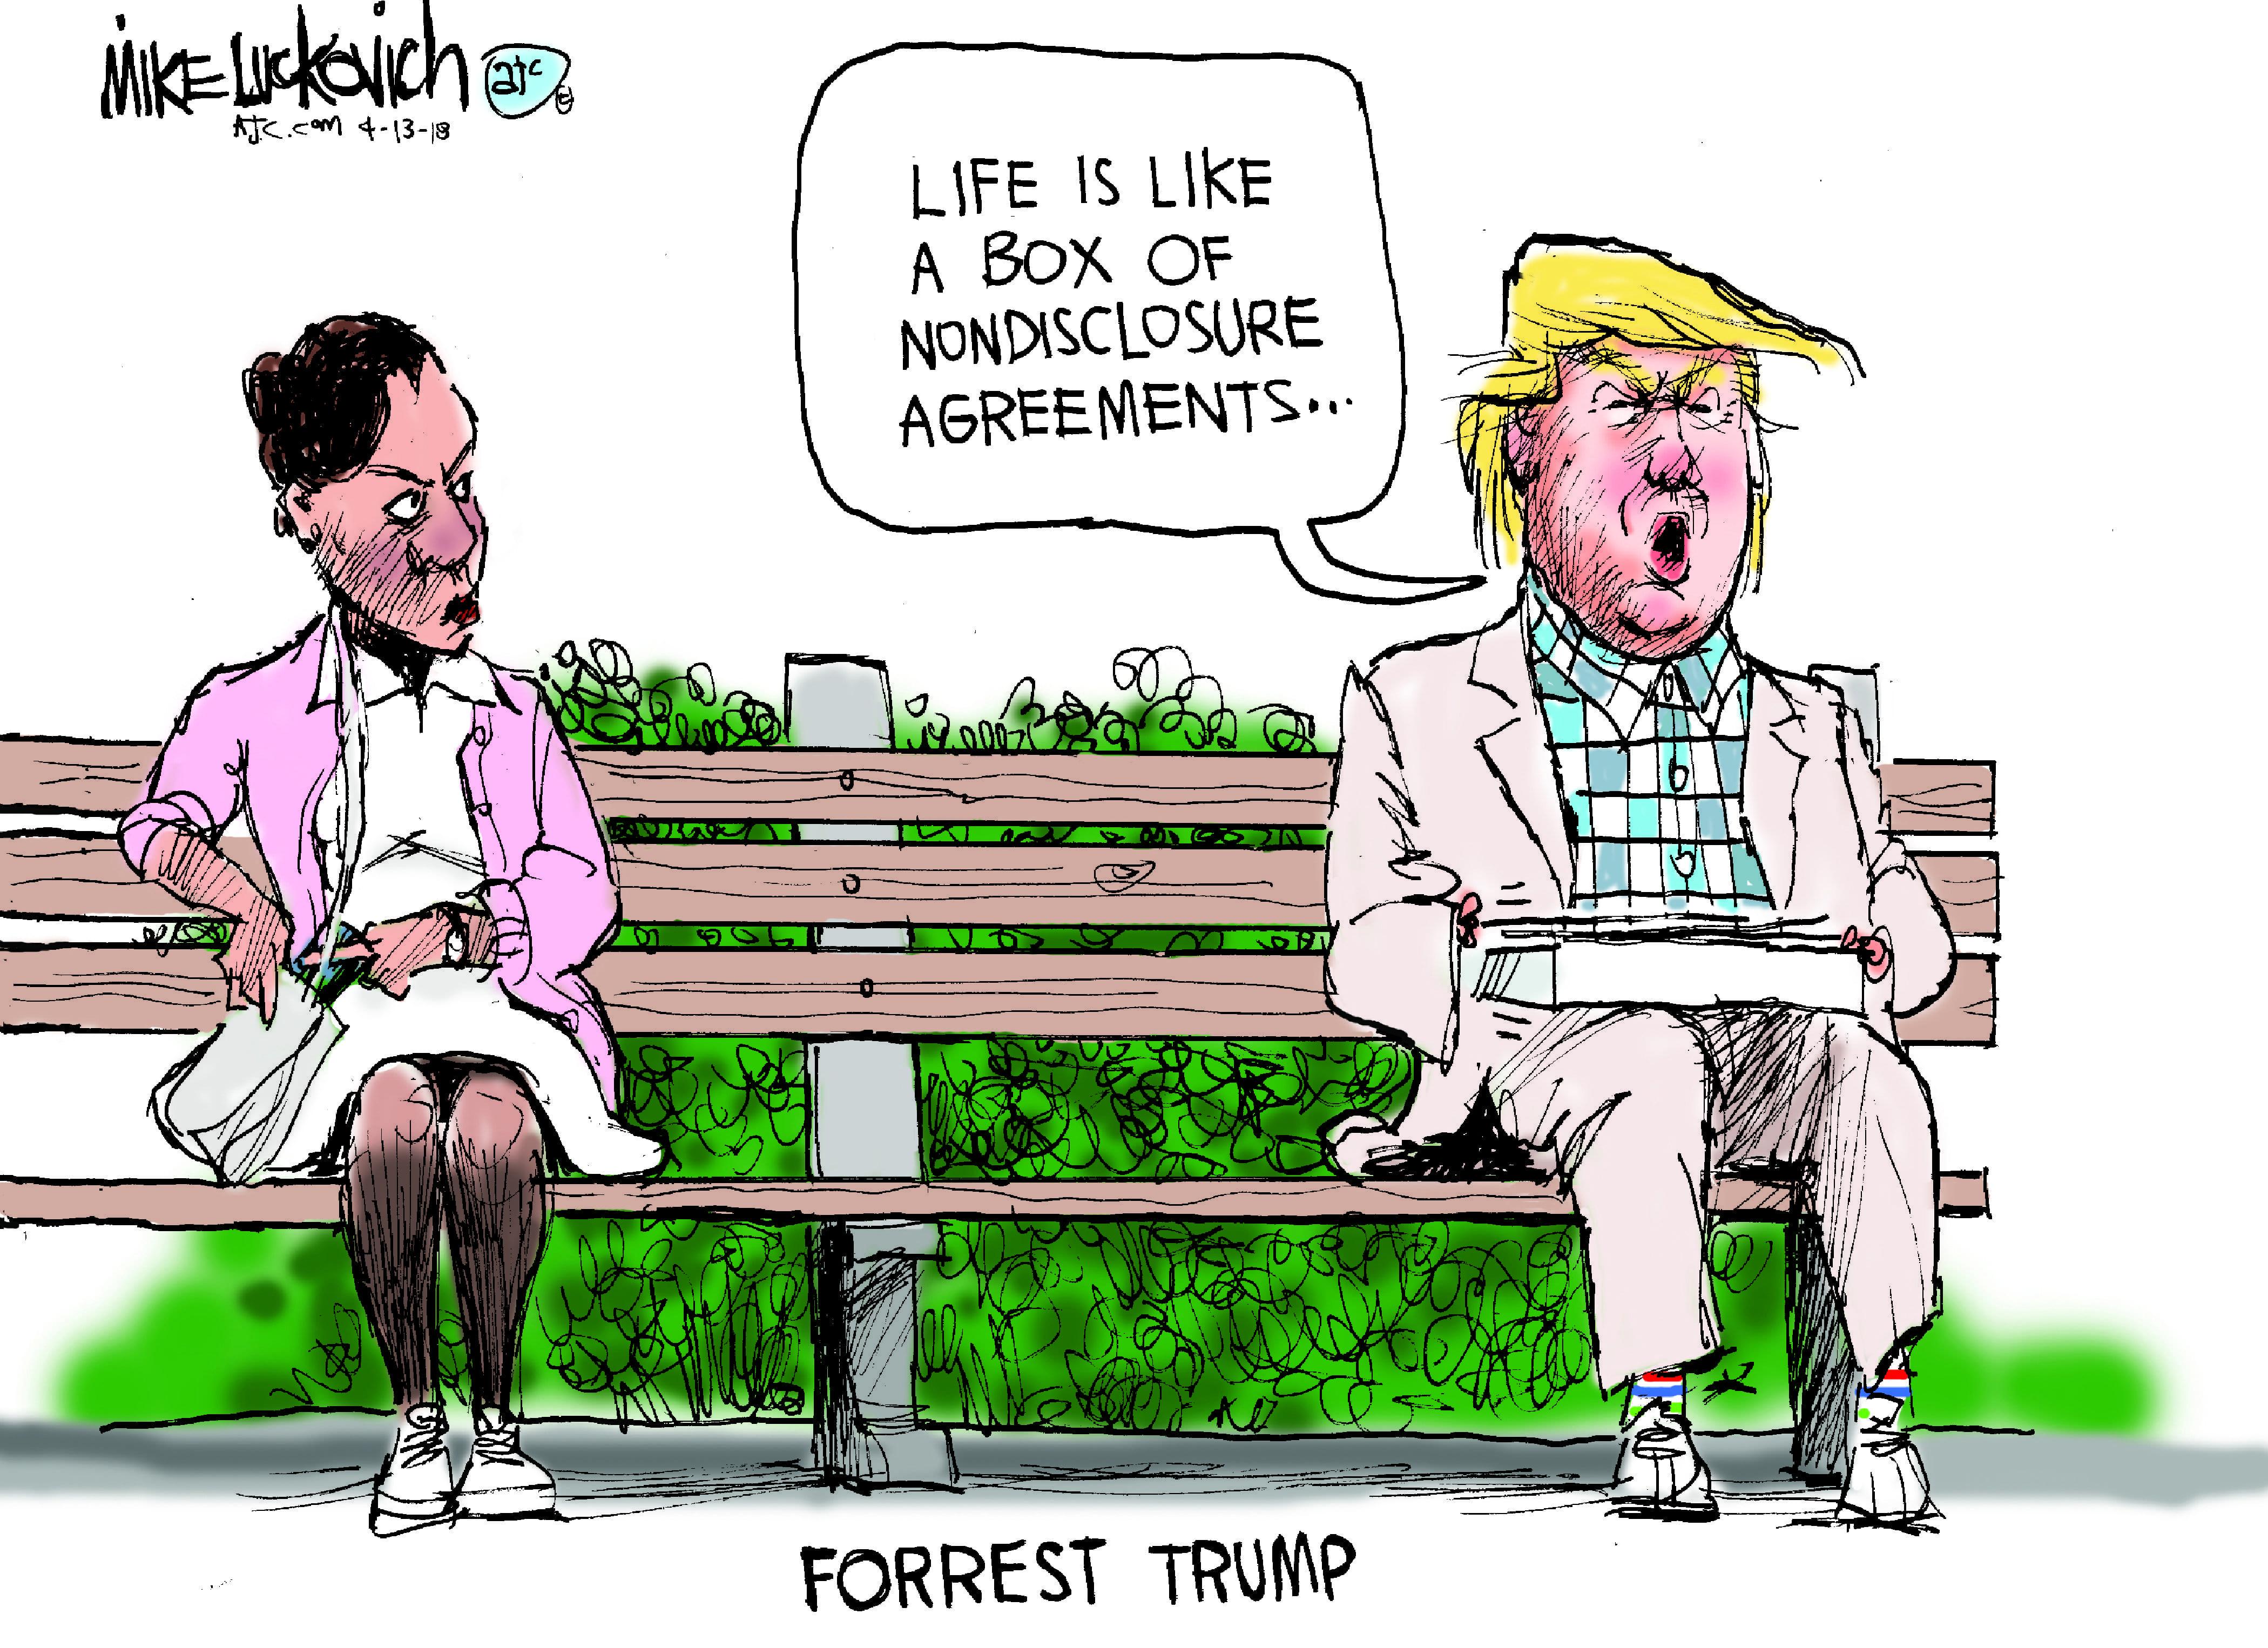 April 14: Forrest Trump